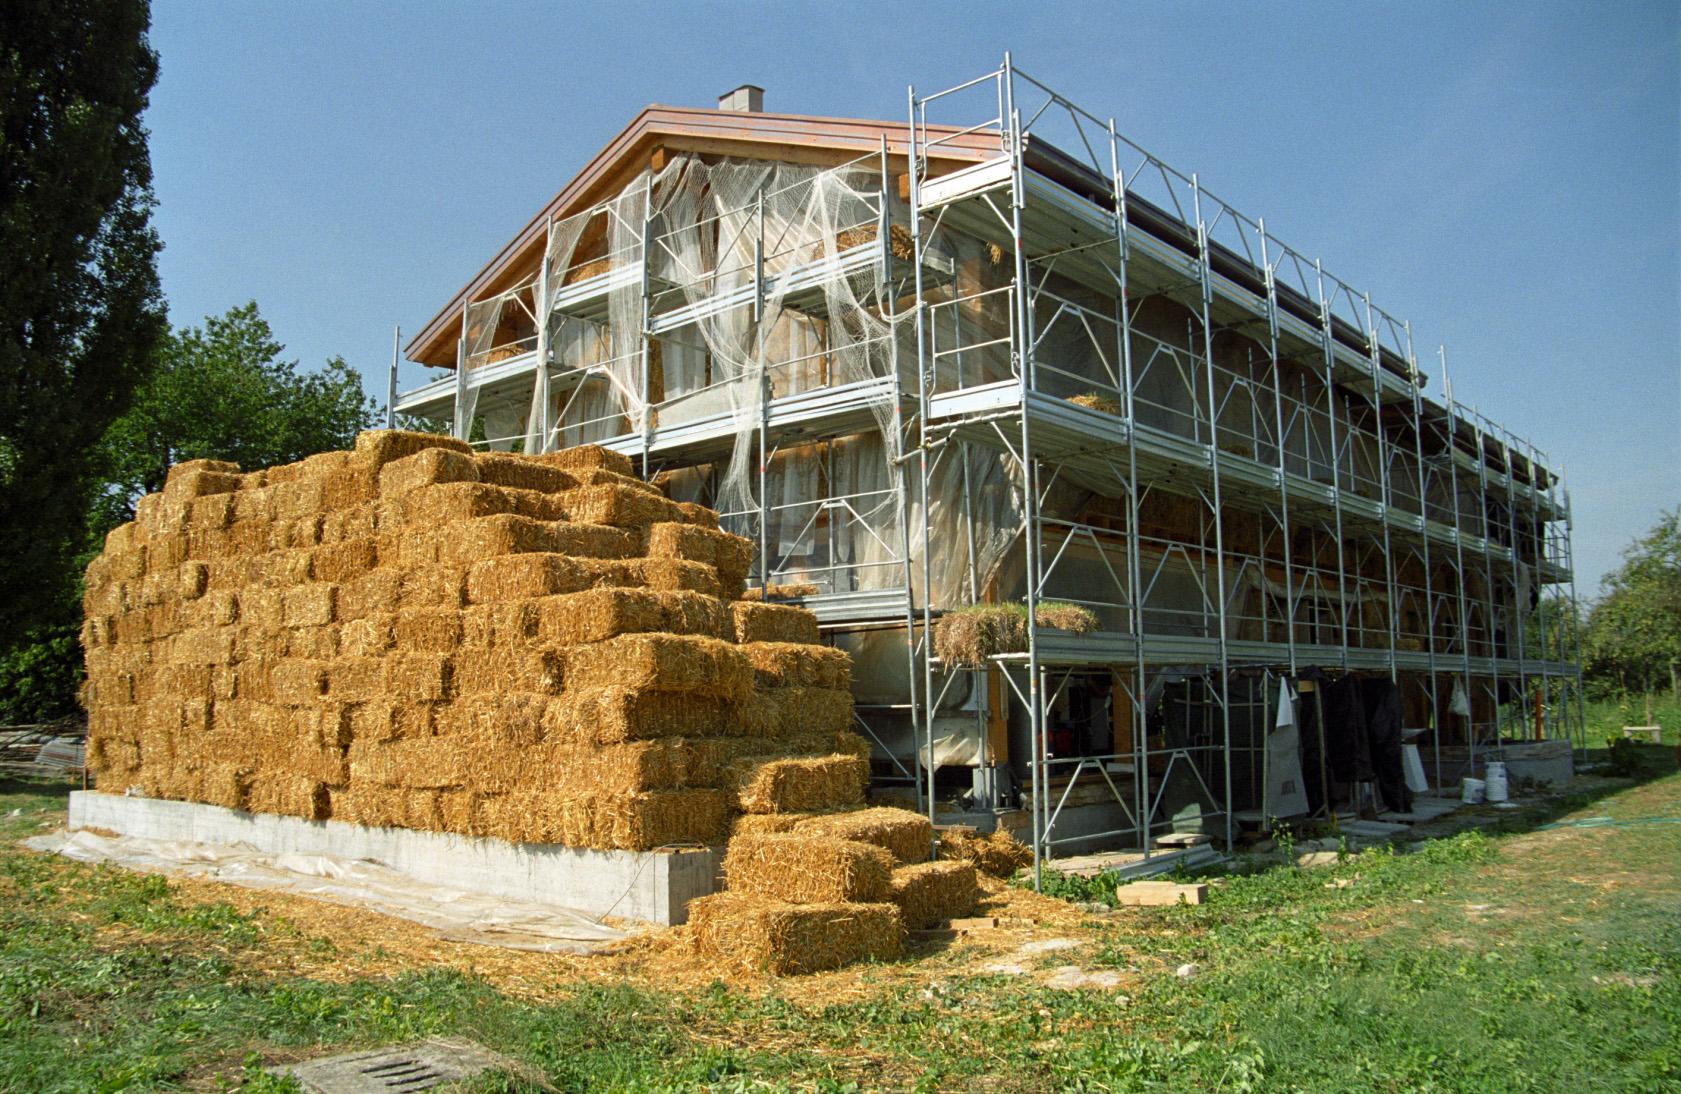 Costi Per Costruire Casa come costruire da soli la propria casa di paglia - terra nuova